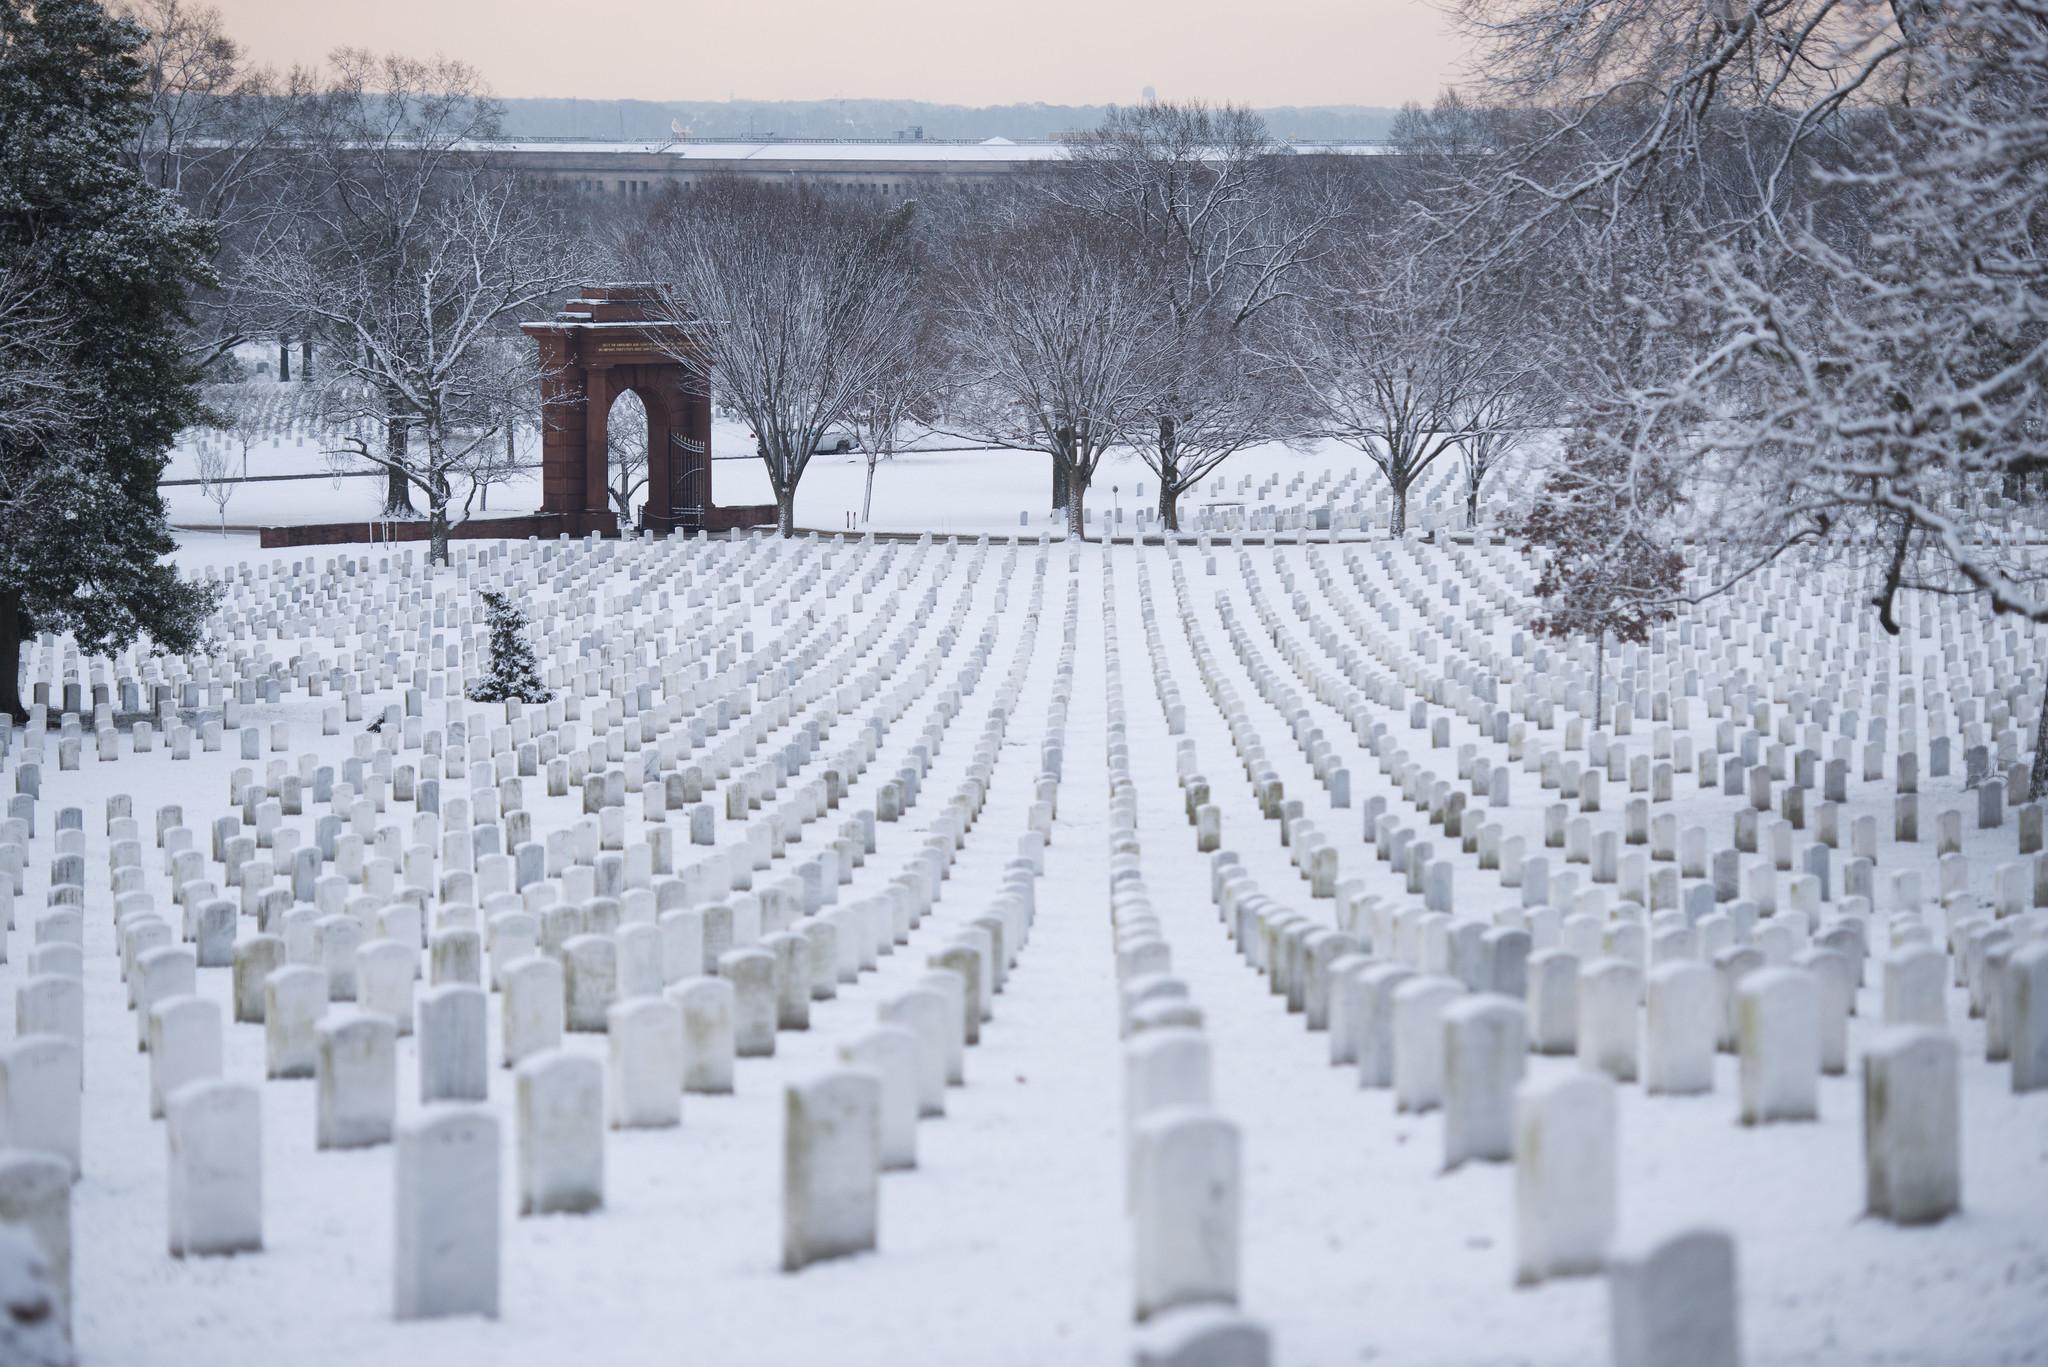 Snow blankets Arlington National Cemetery